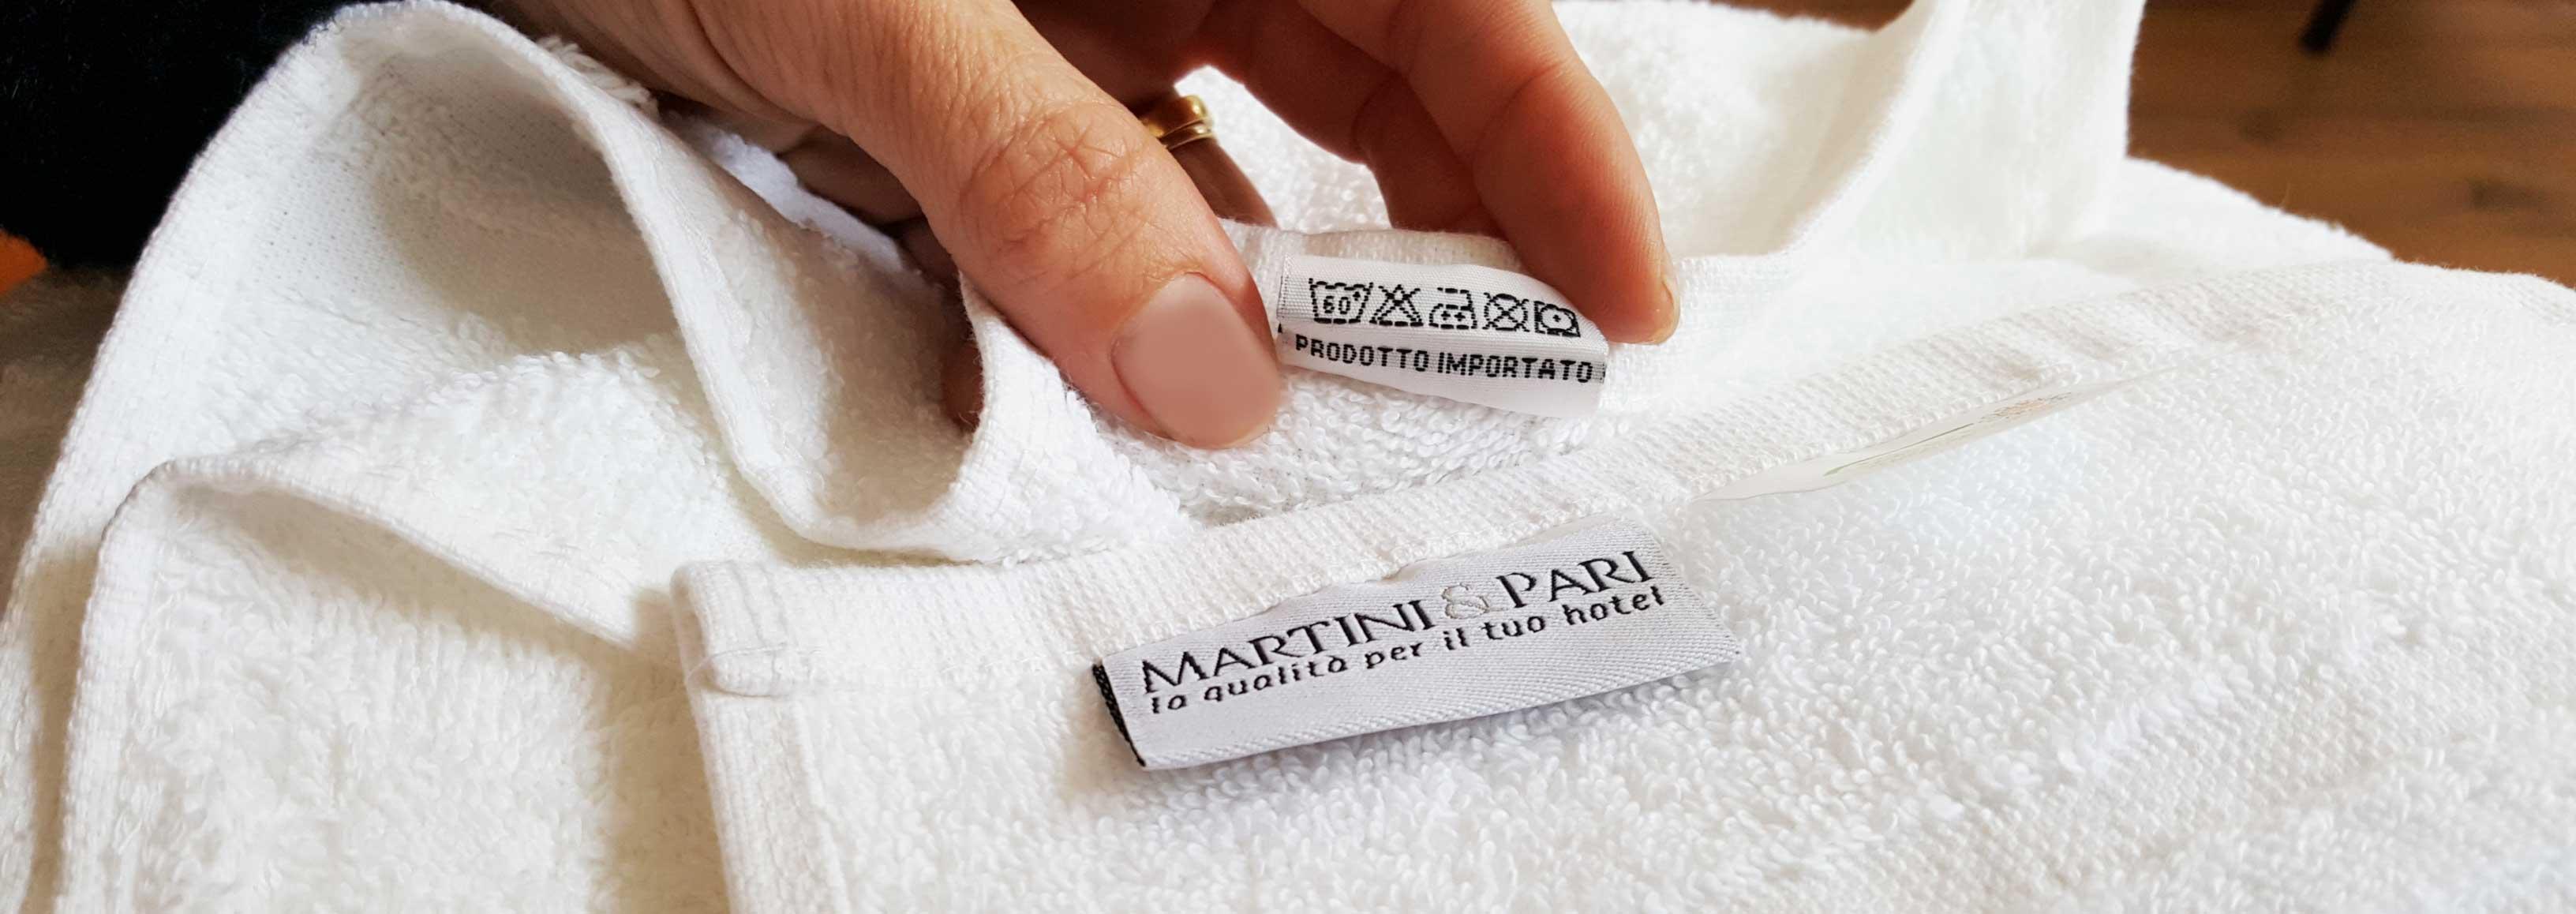 Simboli di lavaggio: la guida completa